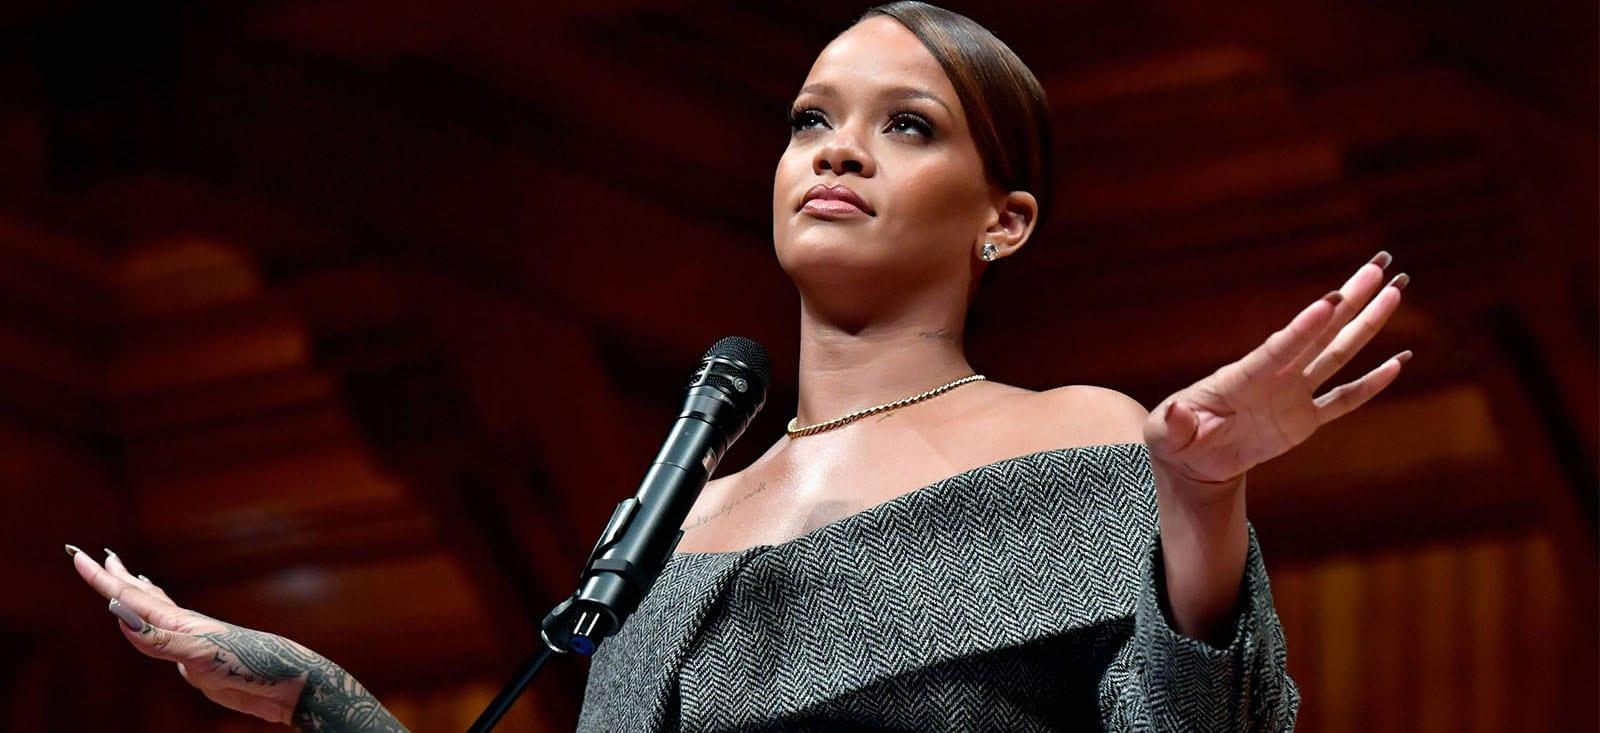 Pourquoi Rihanna Serait un Exemple d'Humilité Selon Tai Lopez